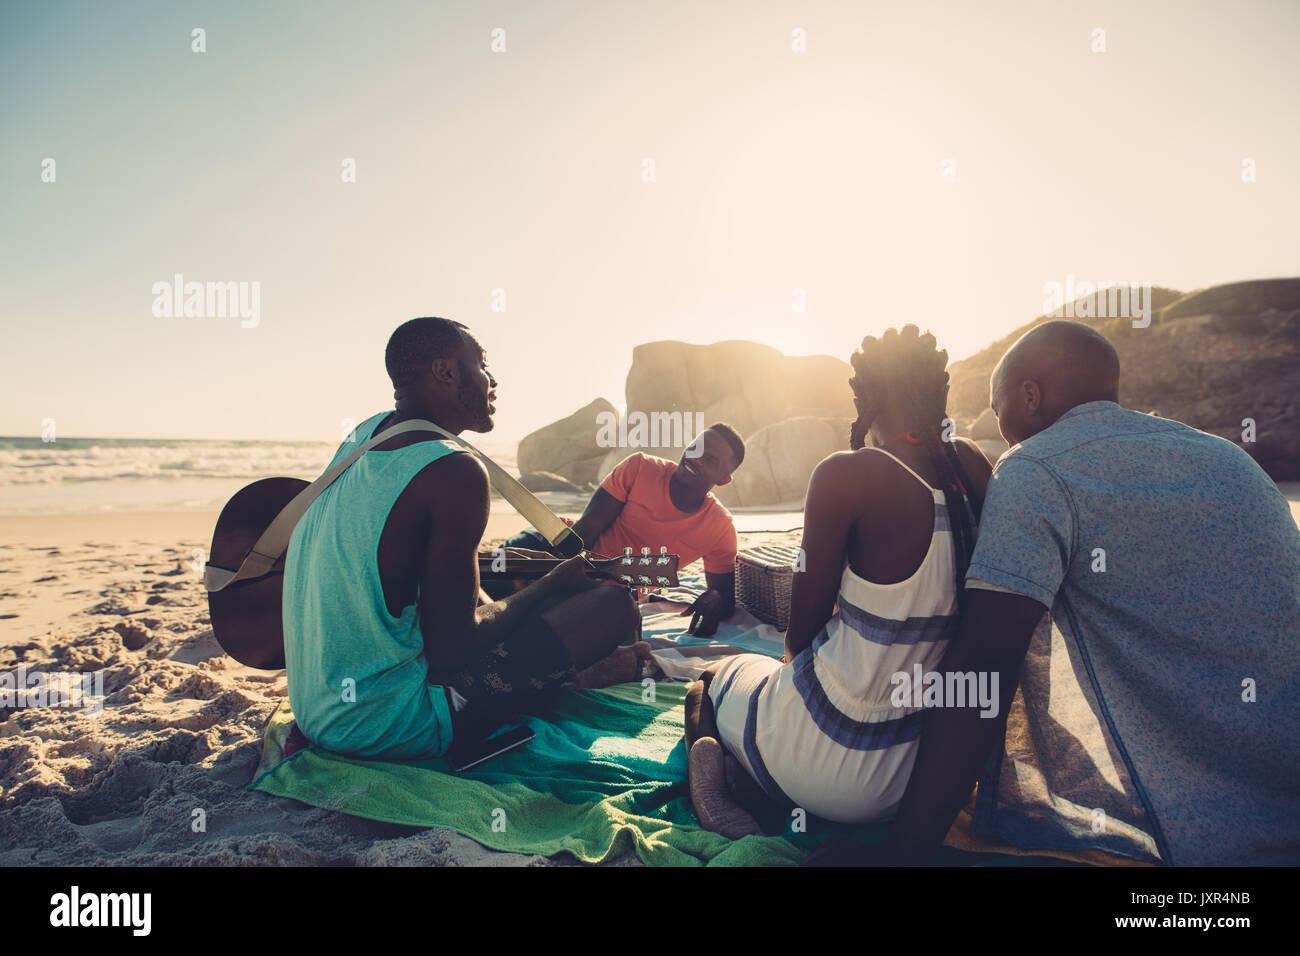 Jeune homme africain chantant et jouant de la guitare sur la plage. Groupe de quatre personnes ont beaucoup de temps à la plage pique-nique. Photo Stock